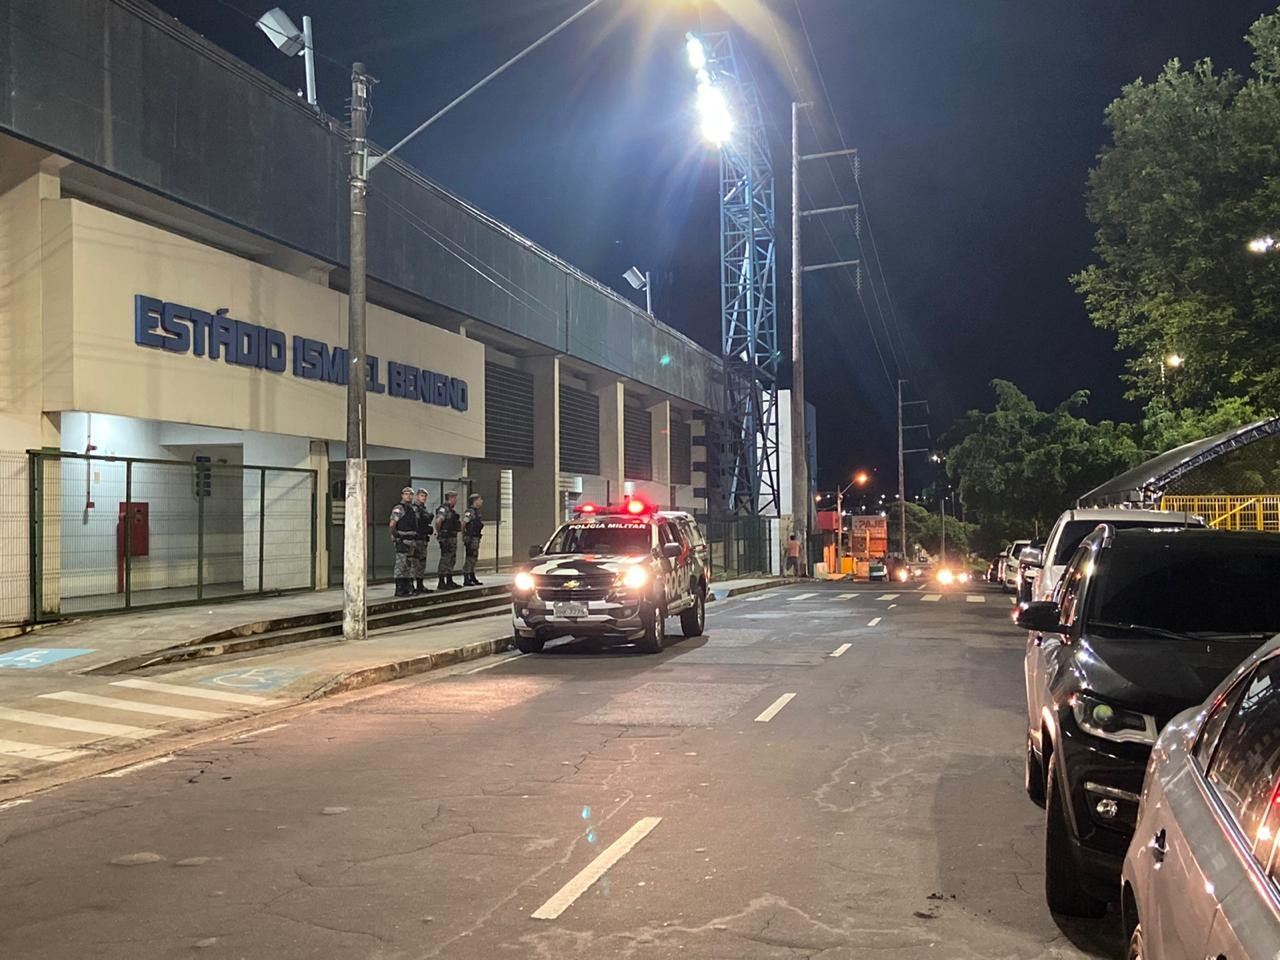 Seis são detidos, e vendedor ambulante é ferido após confronto entre torcedores em frente a estádio em Manaus